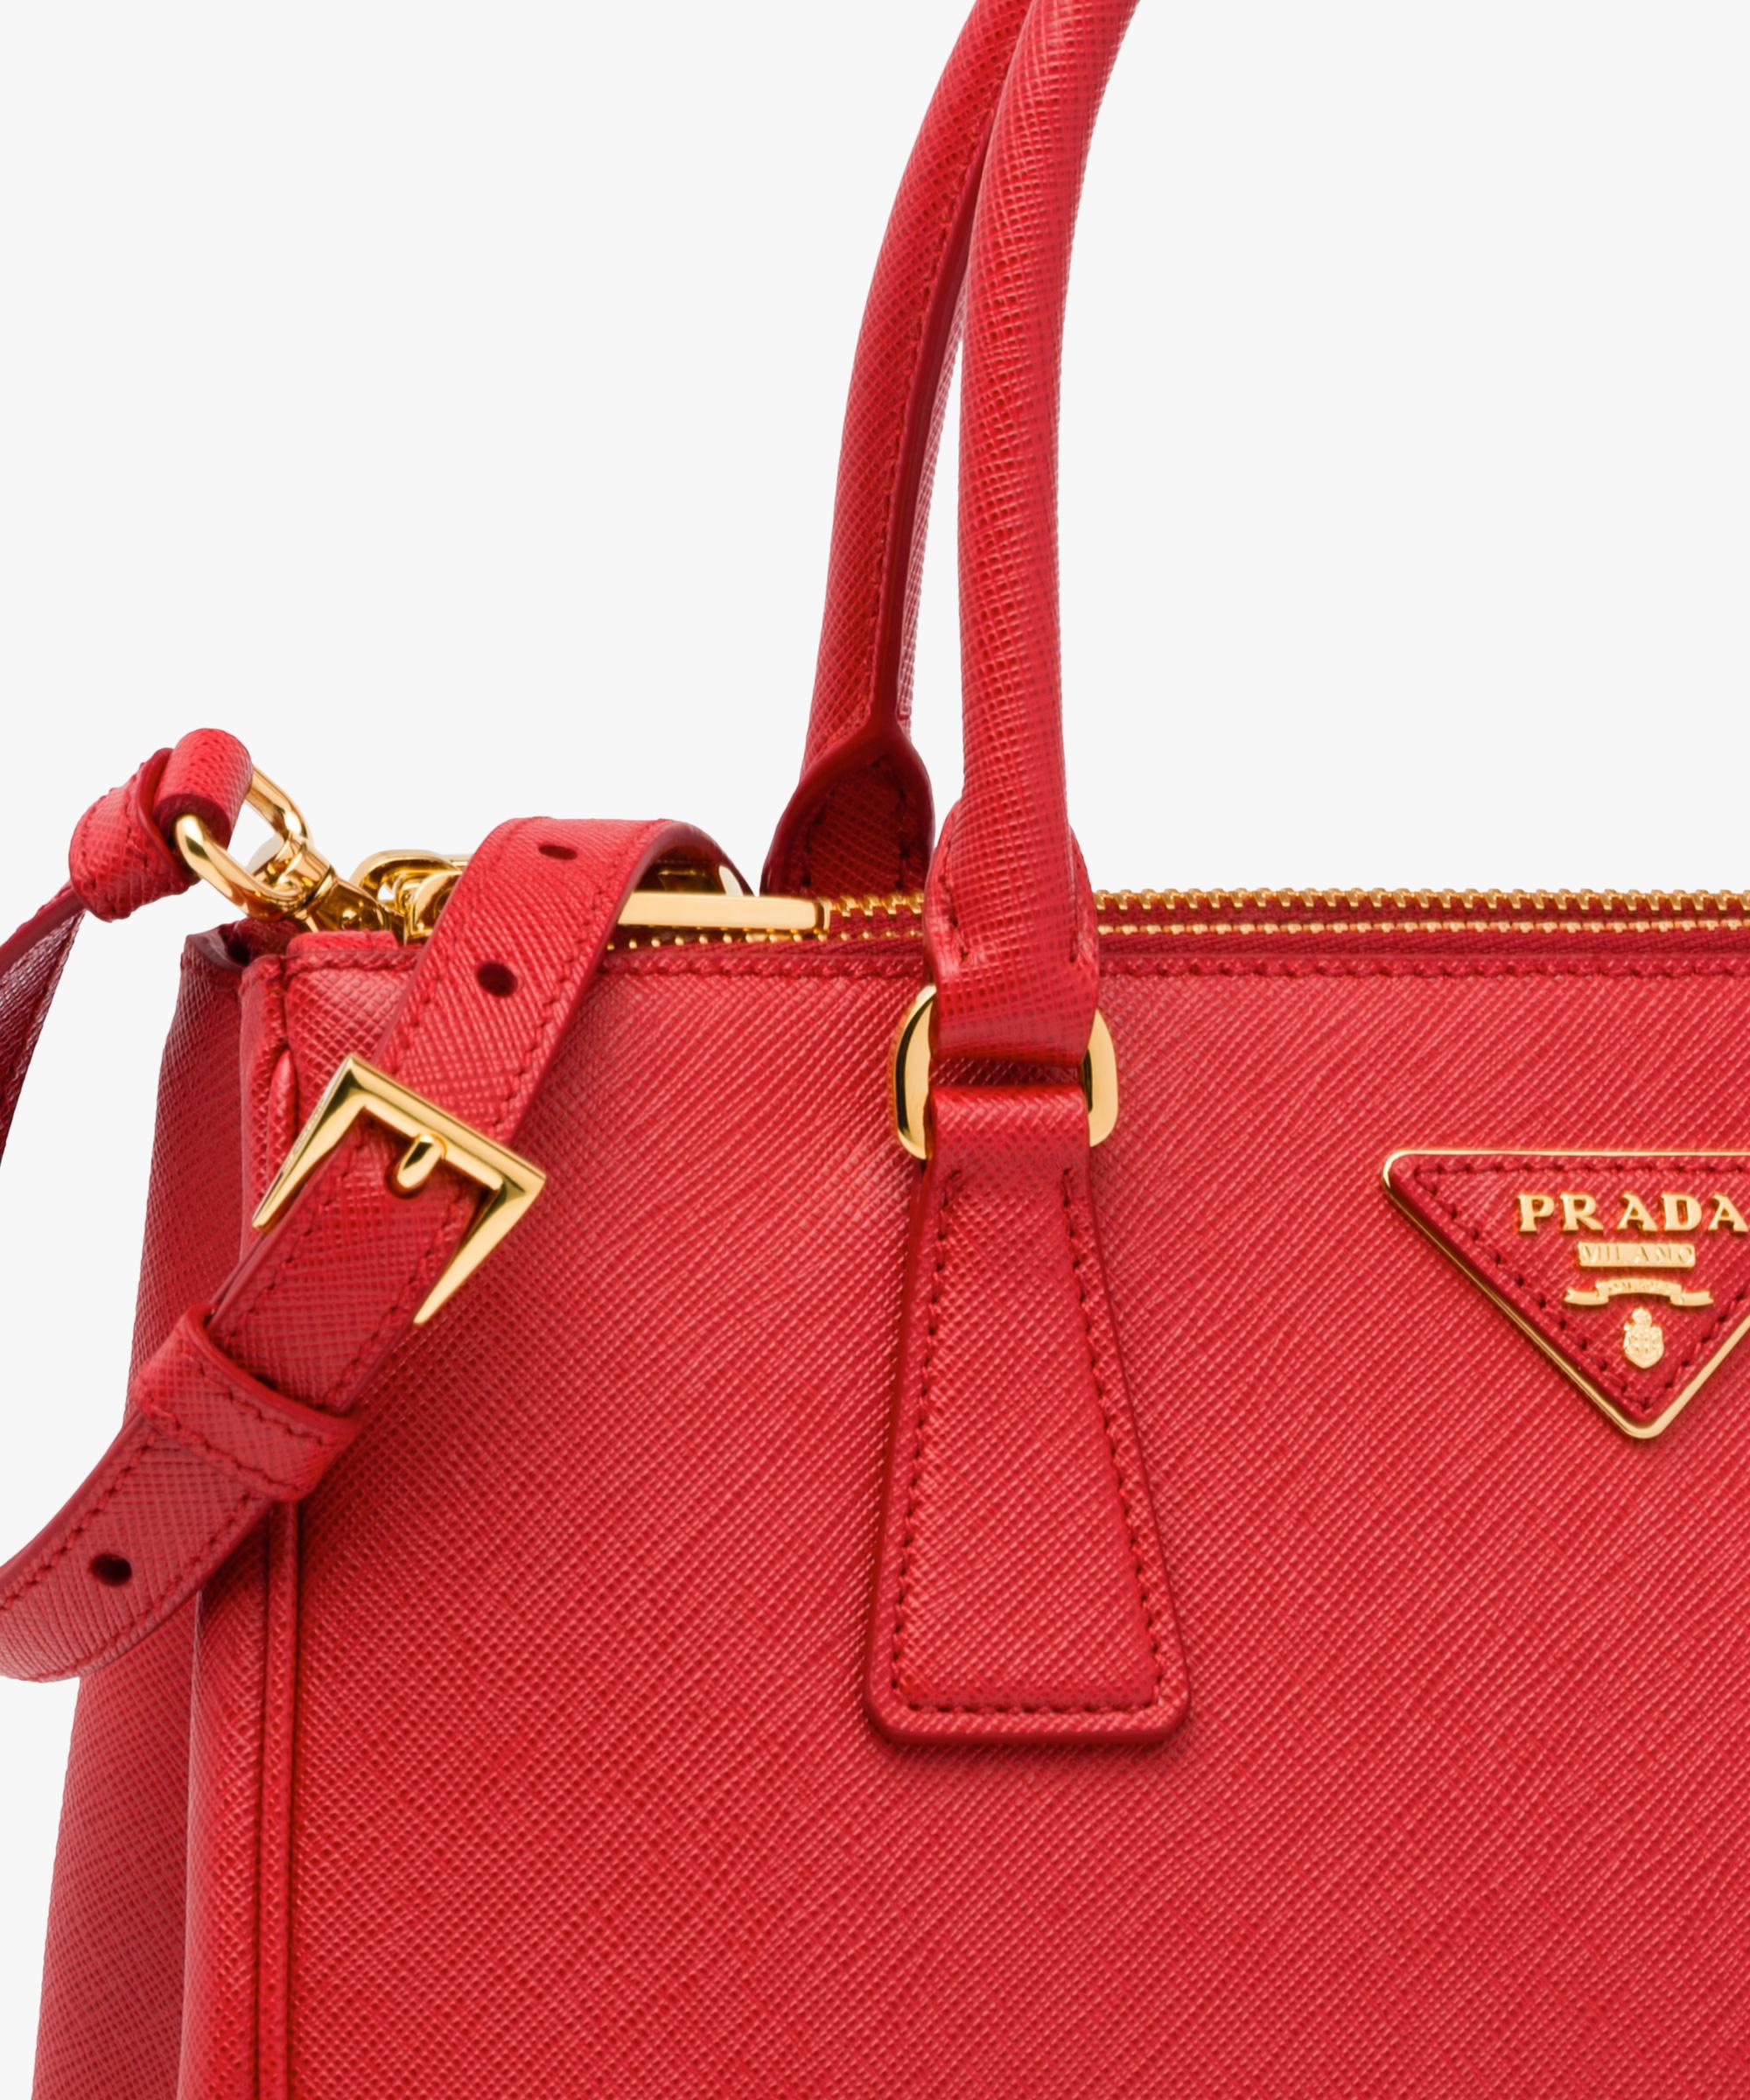 d72da8c531ec ... Prada Galleria Small Saffiano Leather Bag Prada FIERY RED ...